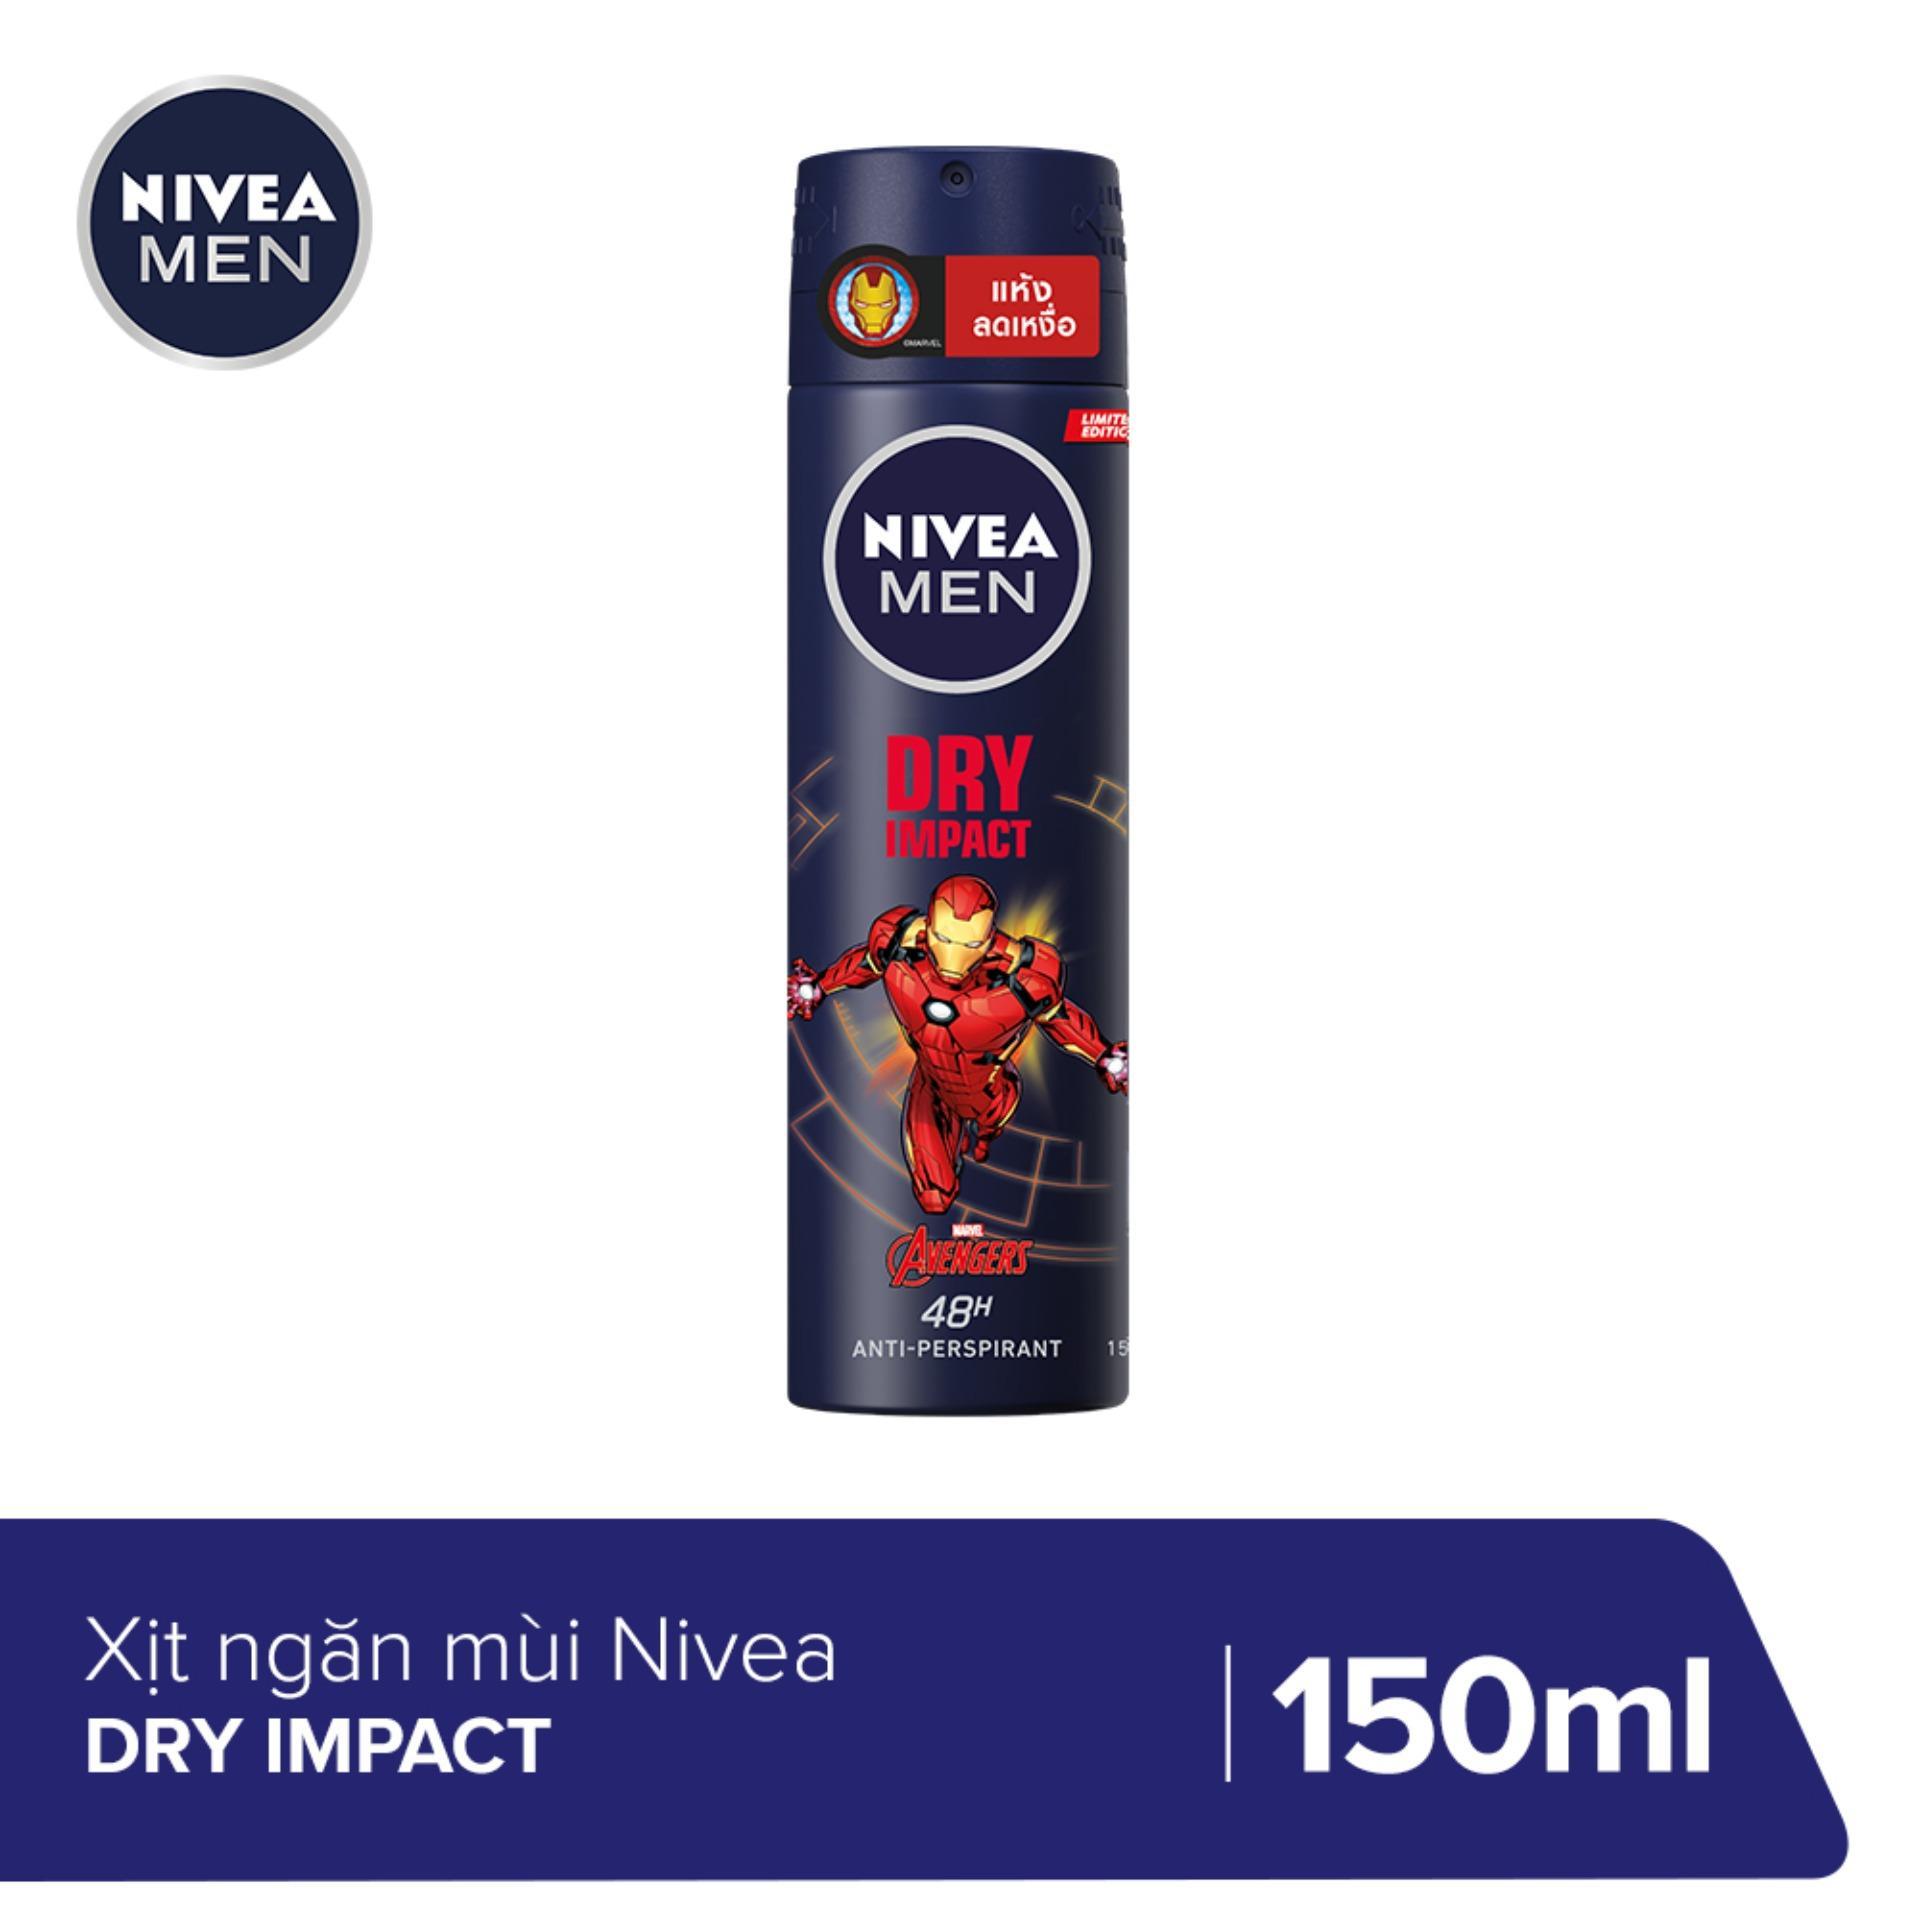 Xịt ngăn mùi NIVEA MEN Dry Impact Khô Thoáng Tức Thì (150ml) - 81602 (Phiên bản giới hạn Iron Man) cao cấp